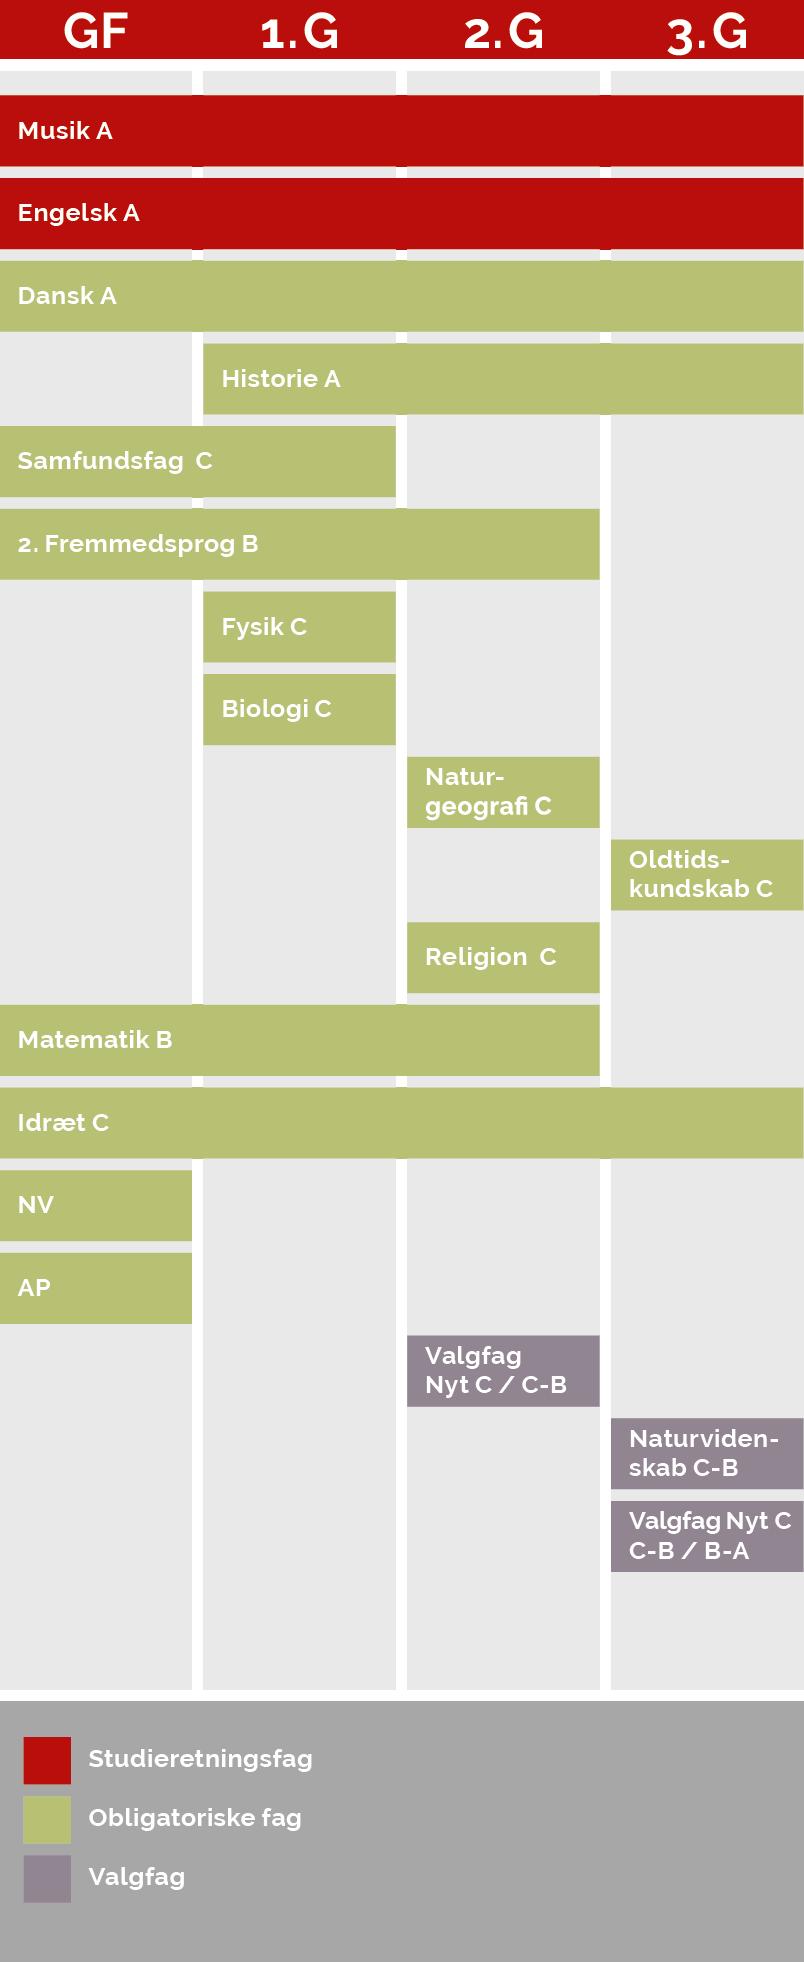 En grafisk model der viser, hvornår du har hvilke fag på denne studieretning. Af modellen fremgår følgende:  Musik og Engelsk på A-niveau, som er dine to studieretningsfag, har du både i  grundforløb,1g., 2.g og 3.g. Dansk på A-niveau, som er et obligatorisk fag, har du både i grundforløb, 1.g, 2.g og 3.g. Historie på A-niveau, som er et obligatorisk fag, har du i 1.g, 2.g og 3.g. Samfundsfag på C-niveau, som er et obligatorisk fag, har du i grundforløb og 1.g. 2. fremmedsprog på B-niveau, som er et obligatorisk fag, har du i grundforløb, 1.g og 2.g. Fysik og biologi på C-niveau, som er obligatoriske fag, har du kun i 1.g. Naturgeografi og religion på C-niveau, som er obligatoriske fag, har du i 2.g.  Oldtidskundskab på C-niveau, som er et obligatorisk fag, har du i 3.g Matematik på B-niveau, som er et obligatorisk fag, har du i grundforløb, 1.g og 2.g. Idræt på C-niveau, som er et obligatorisk fag, har du i grundforløb, 1.g, 2.g og 3.g. NV og AP, som er obligatoriske fag, har du kun i grundforløb. I 2.g har du et valgfag, som enten er et nyt C-niveau-fag eller et fag, du hæver fra C-niveau til B-niveau. I 3.g skal du hæve et naturvidenskabeligt fag på C-niveau til B-niveau samt enten vælge et nyt valgfag, hæve et valgfag på C-niveau til B-niveau eller hæve et valgfag fra B-niveau til A-niveau.